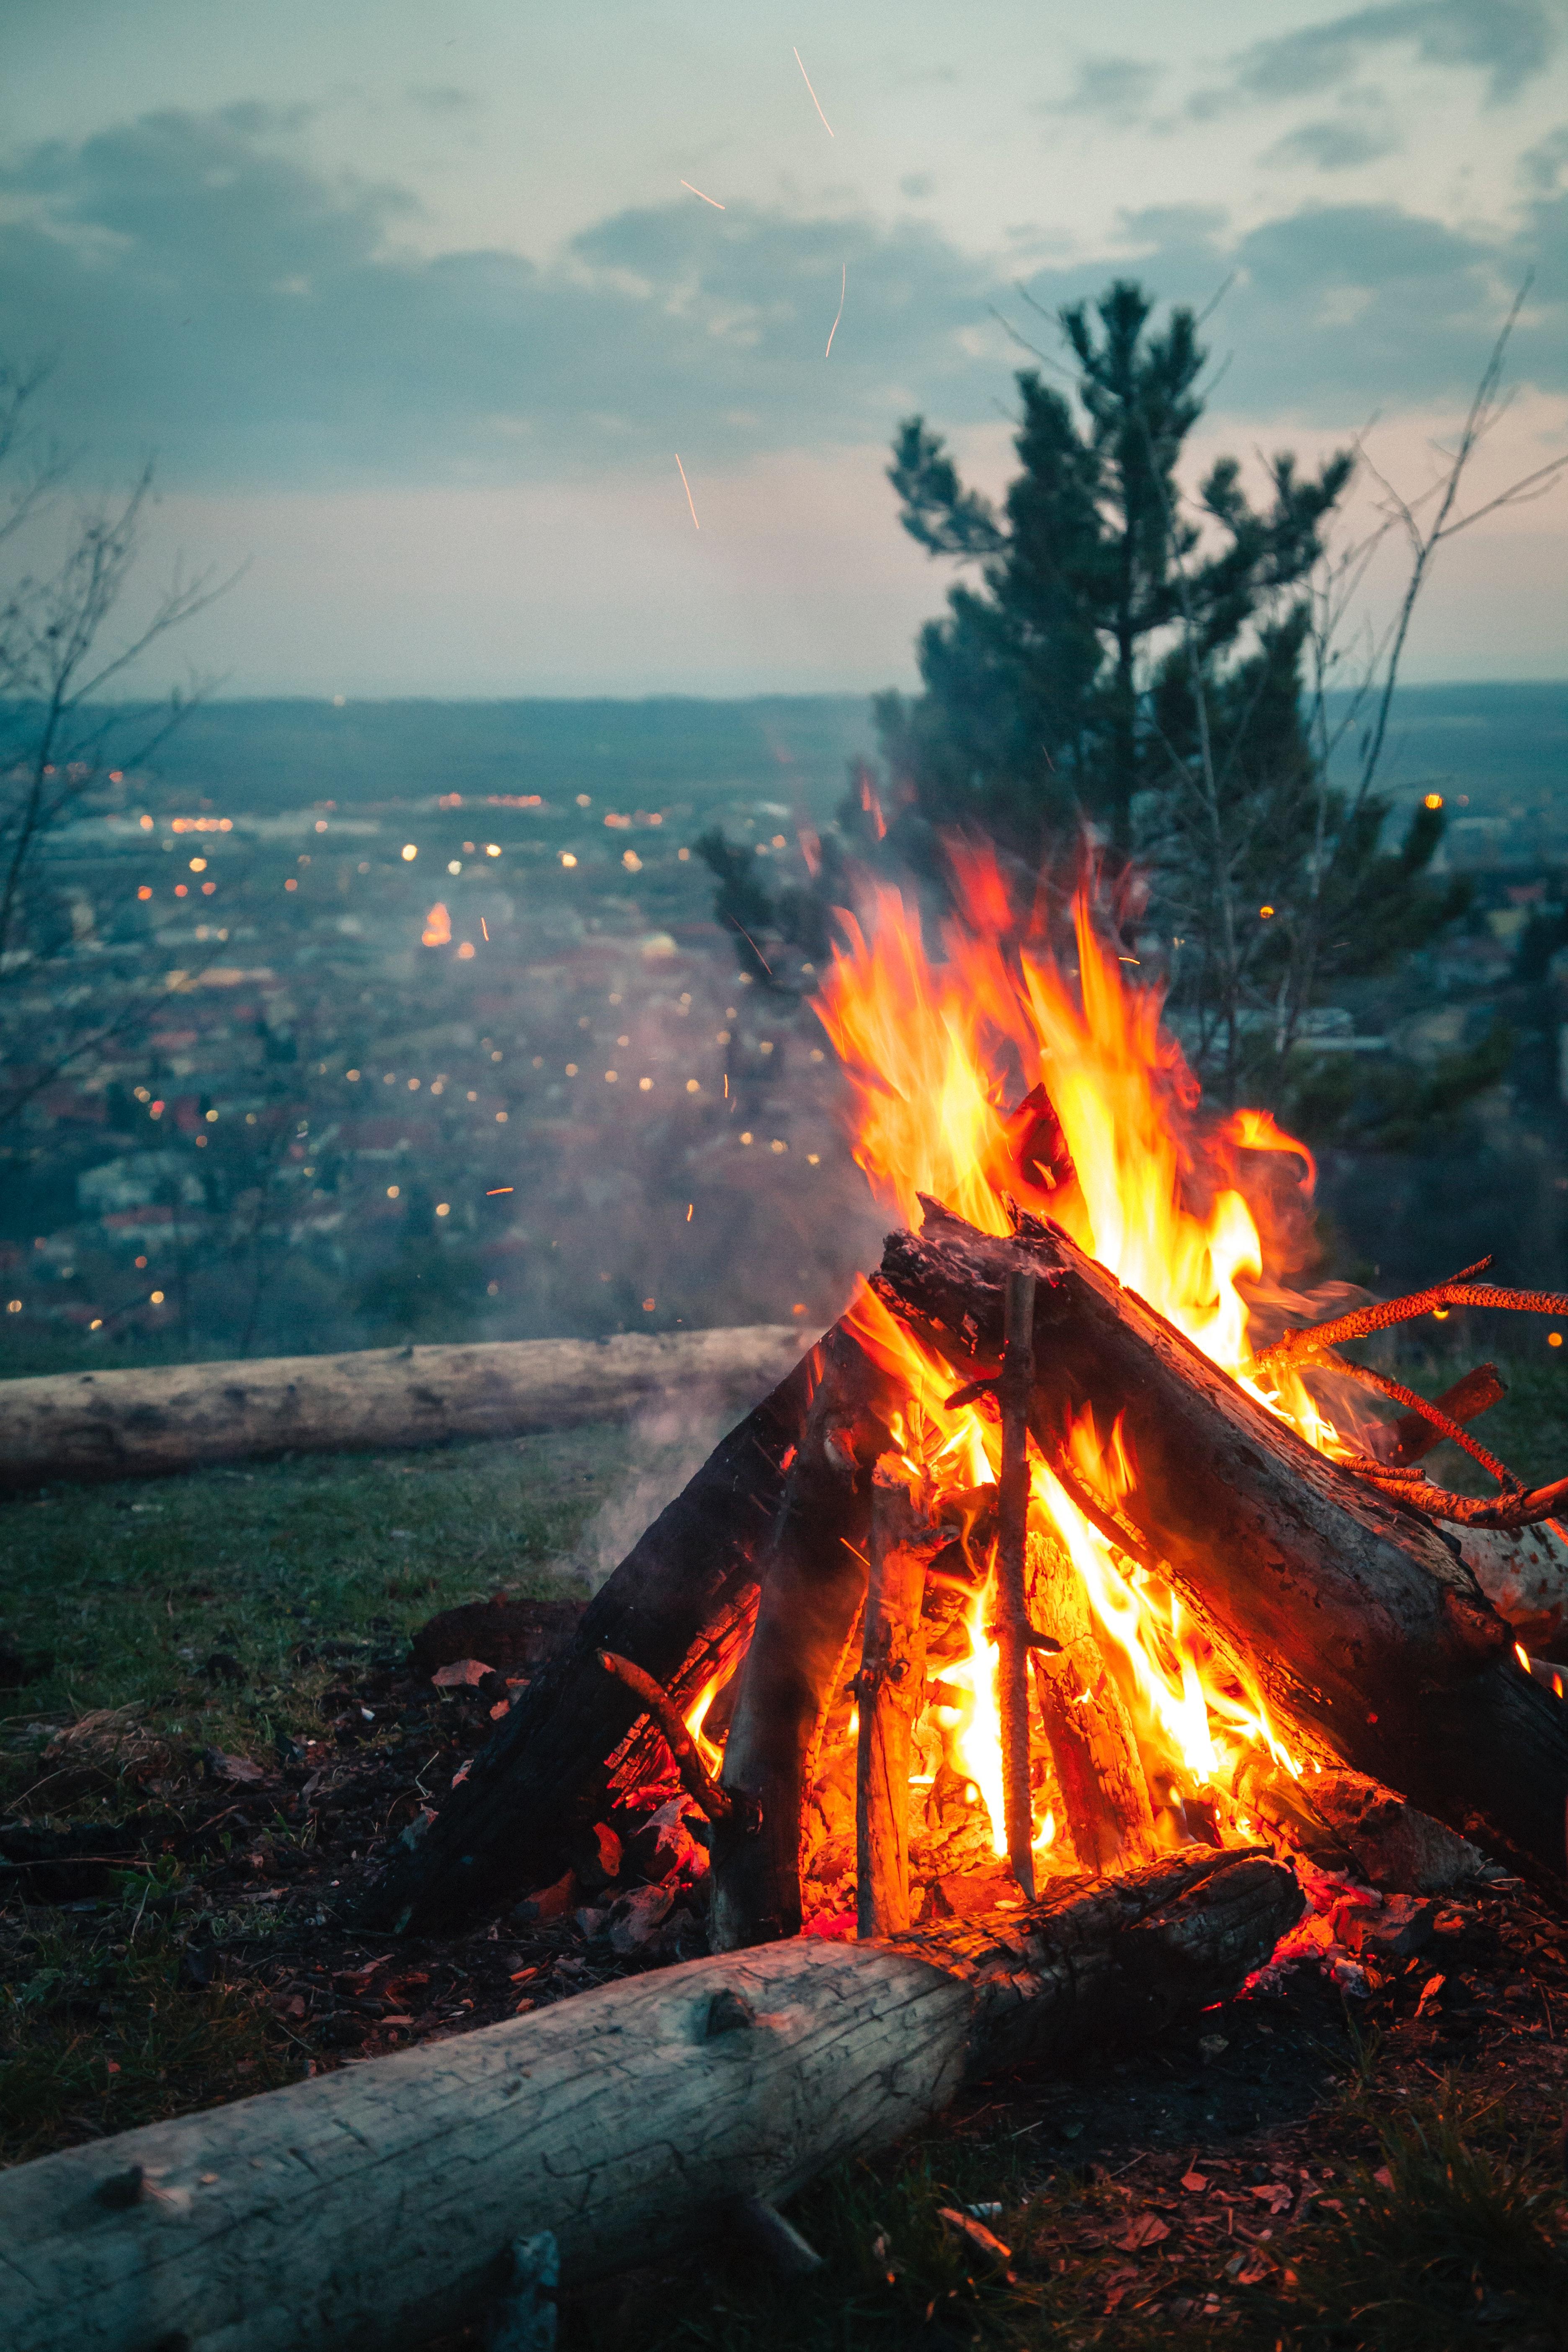 Hình ảnh Background lửa đẹp